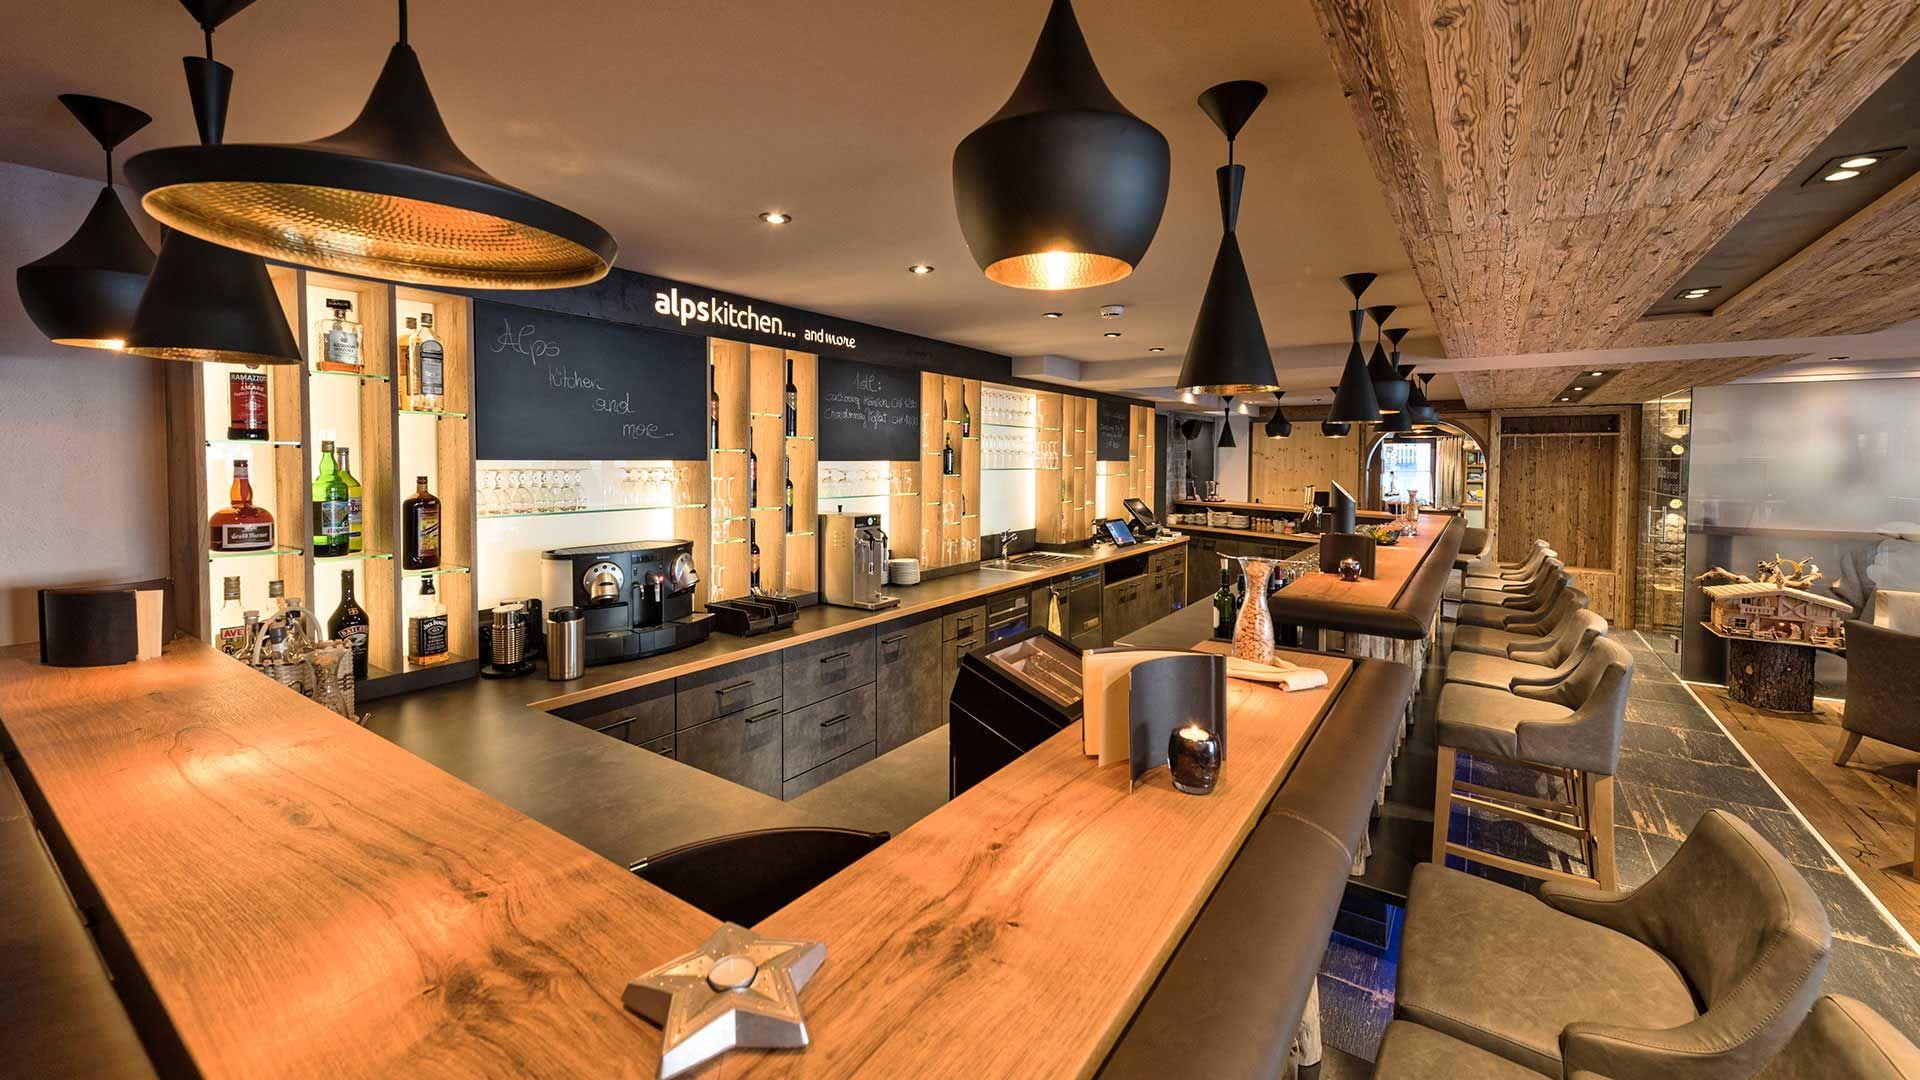 Vip lounge alps hotel des alpes restaurant alps kitchen for Stylische hotels